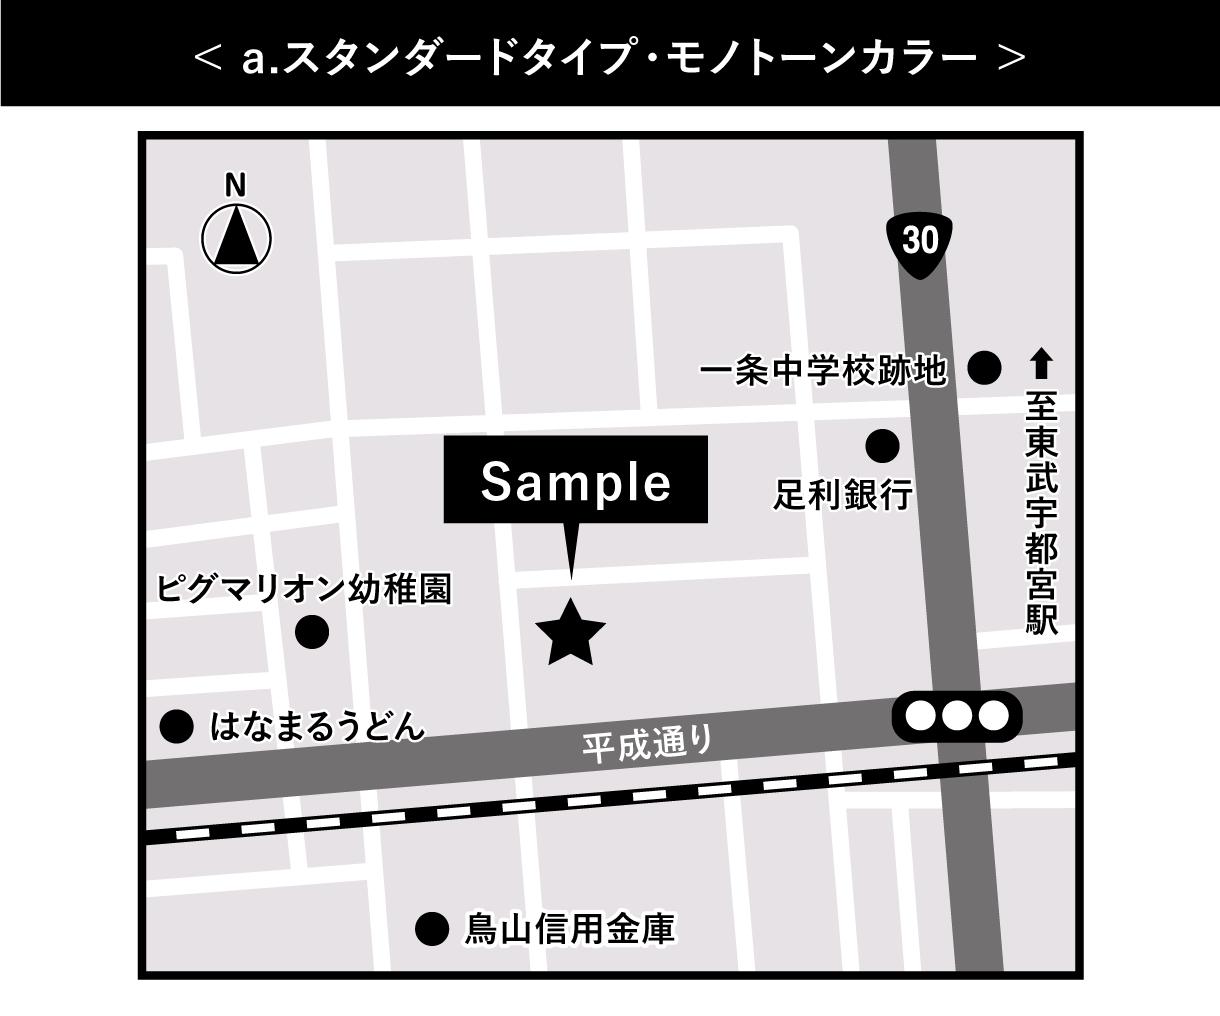 シンプルできれいな地図を作成します 現役デザイナーがご希望に合わせた雰囲気に仕上げます!